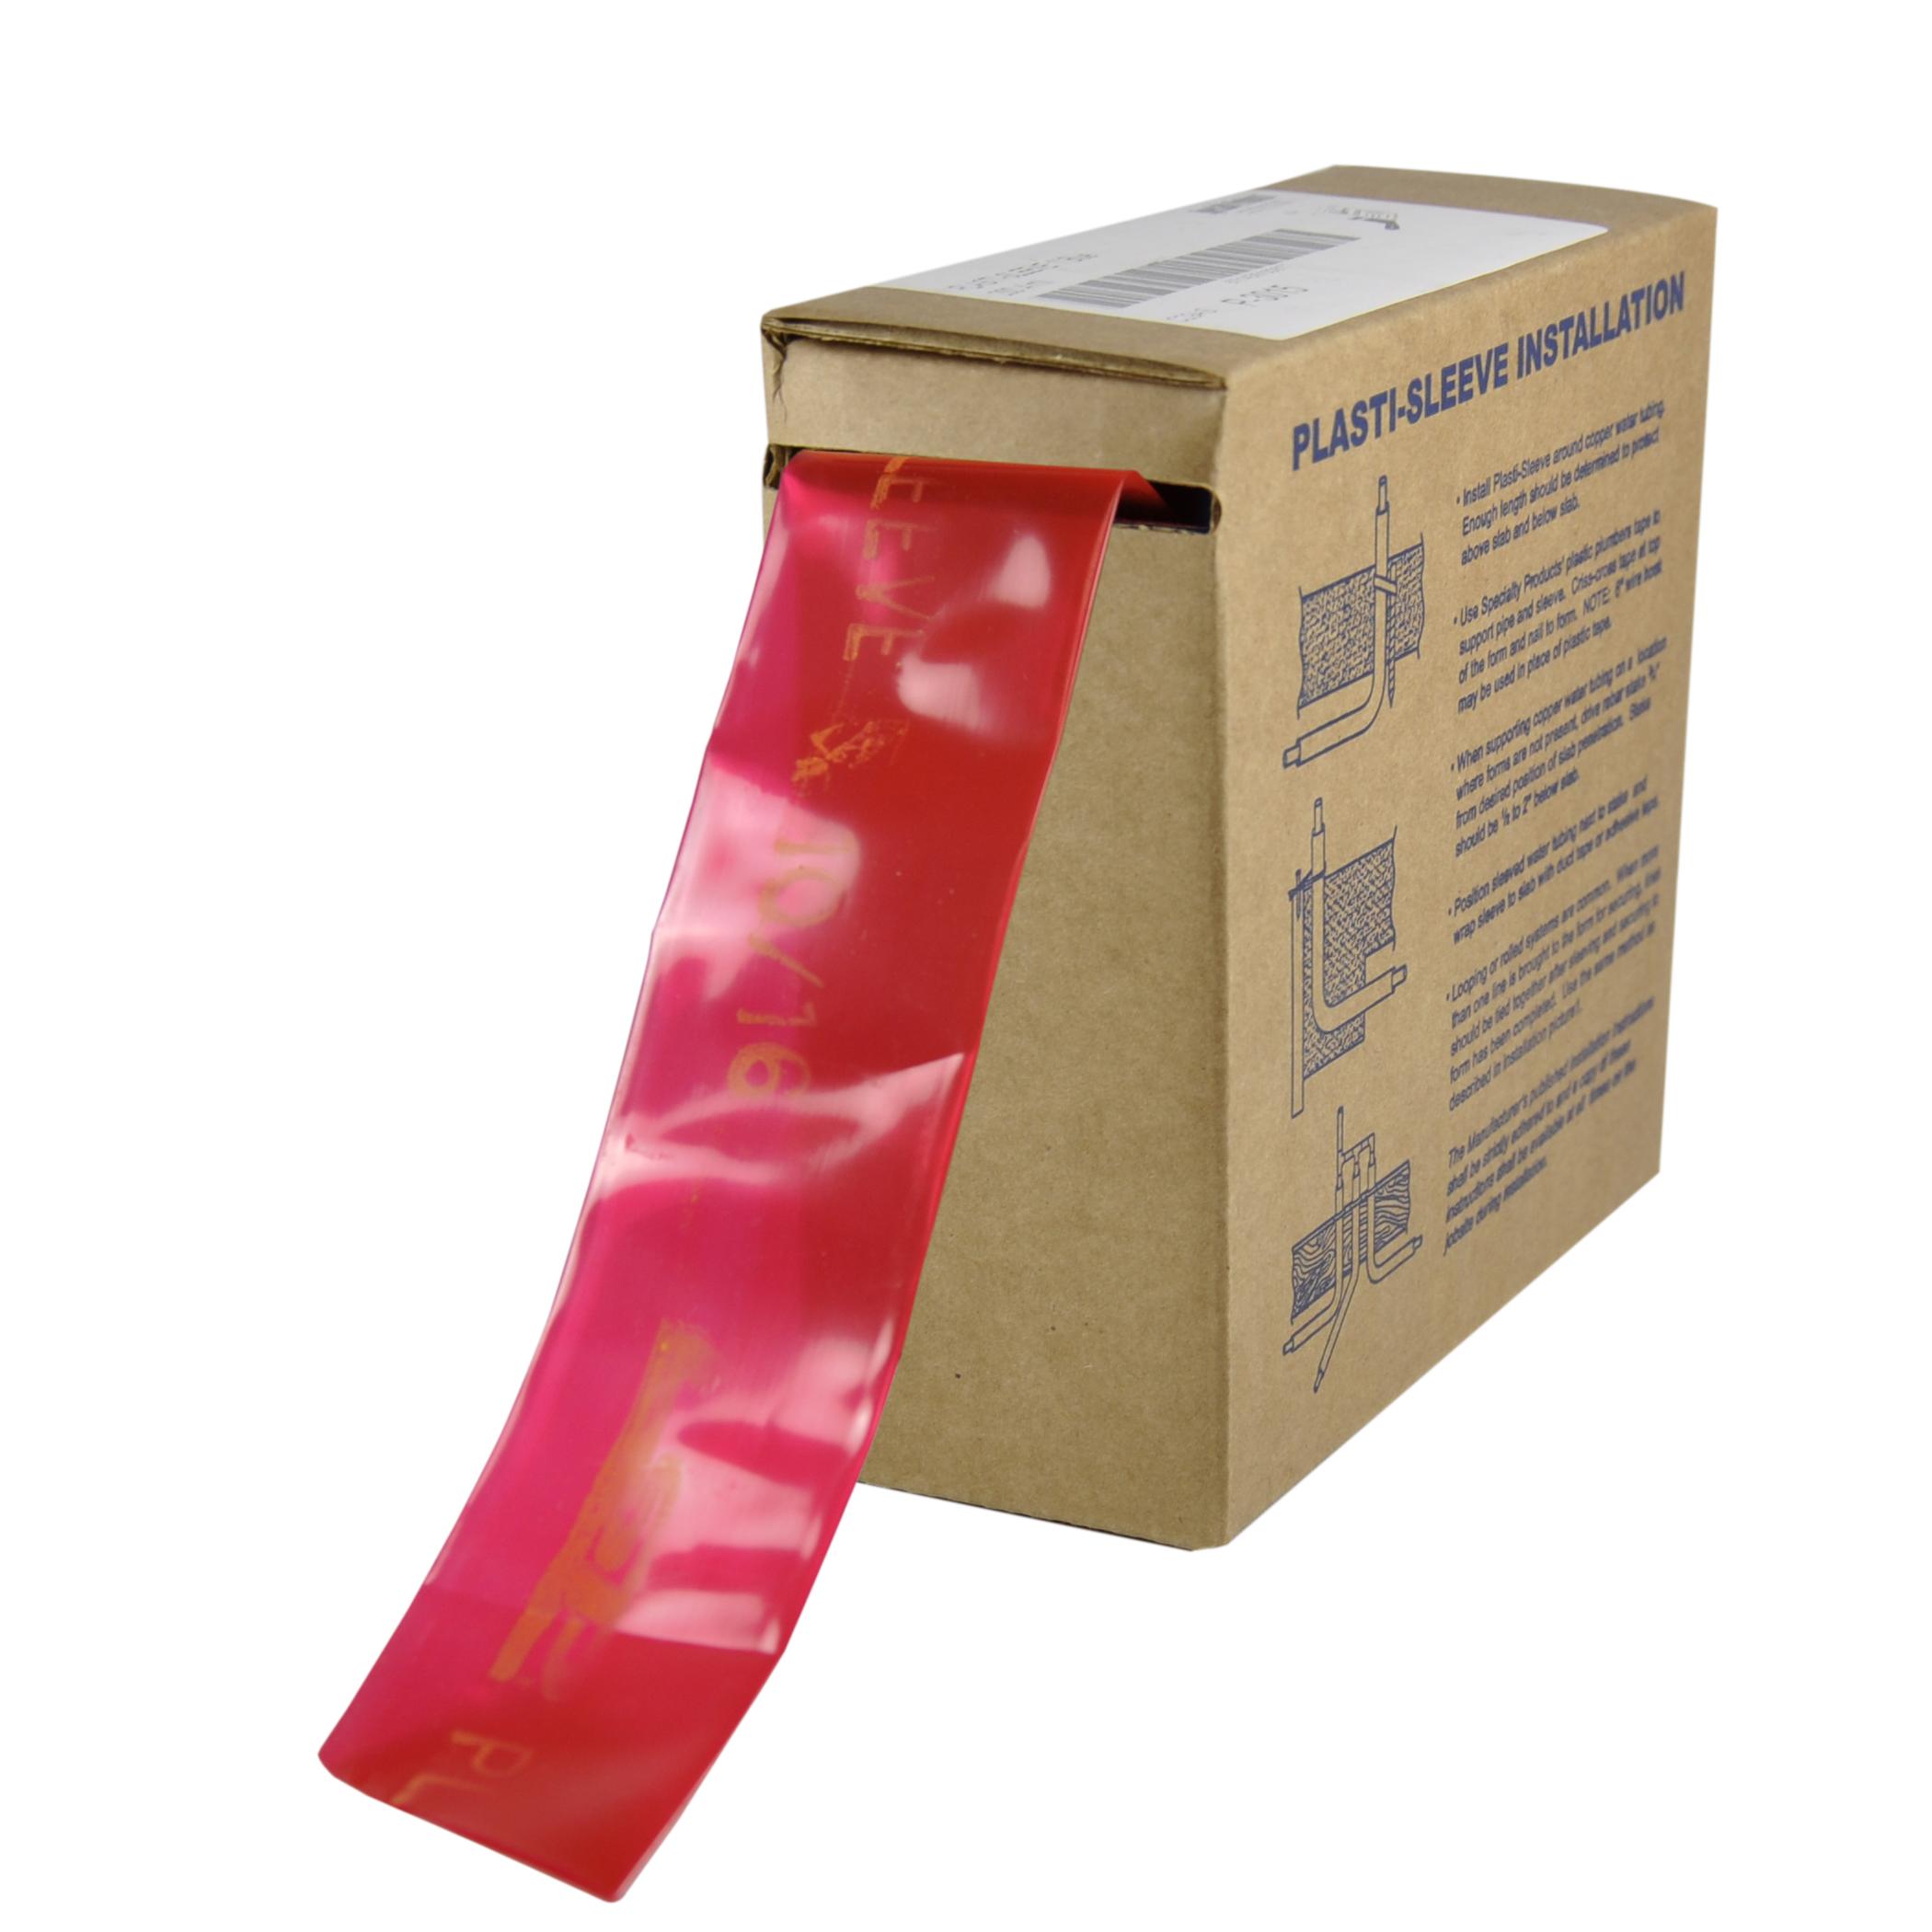 Plasti-Sleeve Pipe Protector